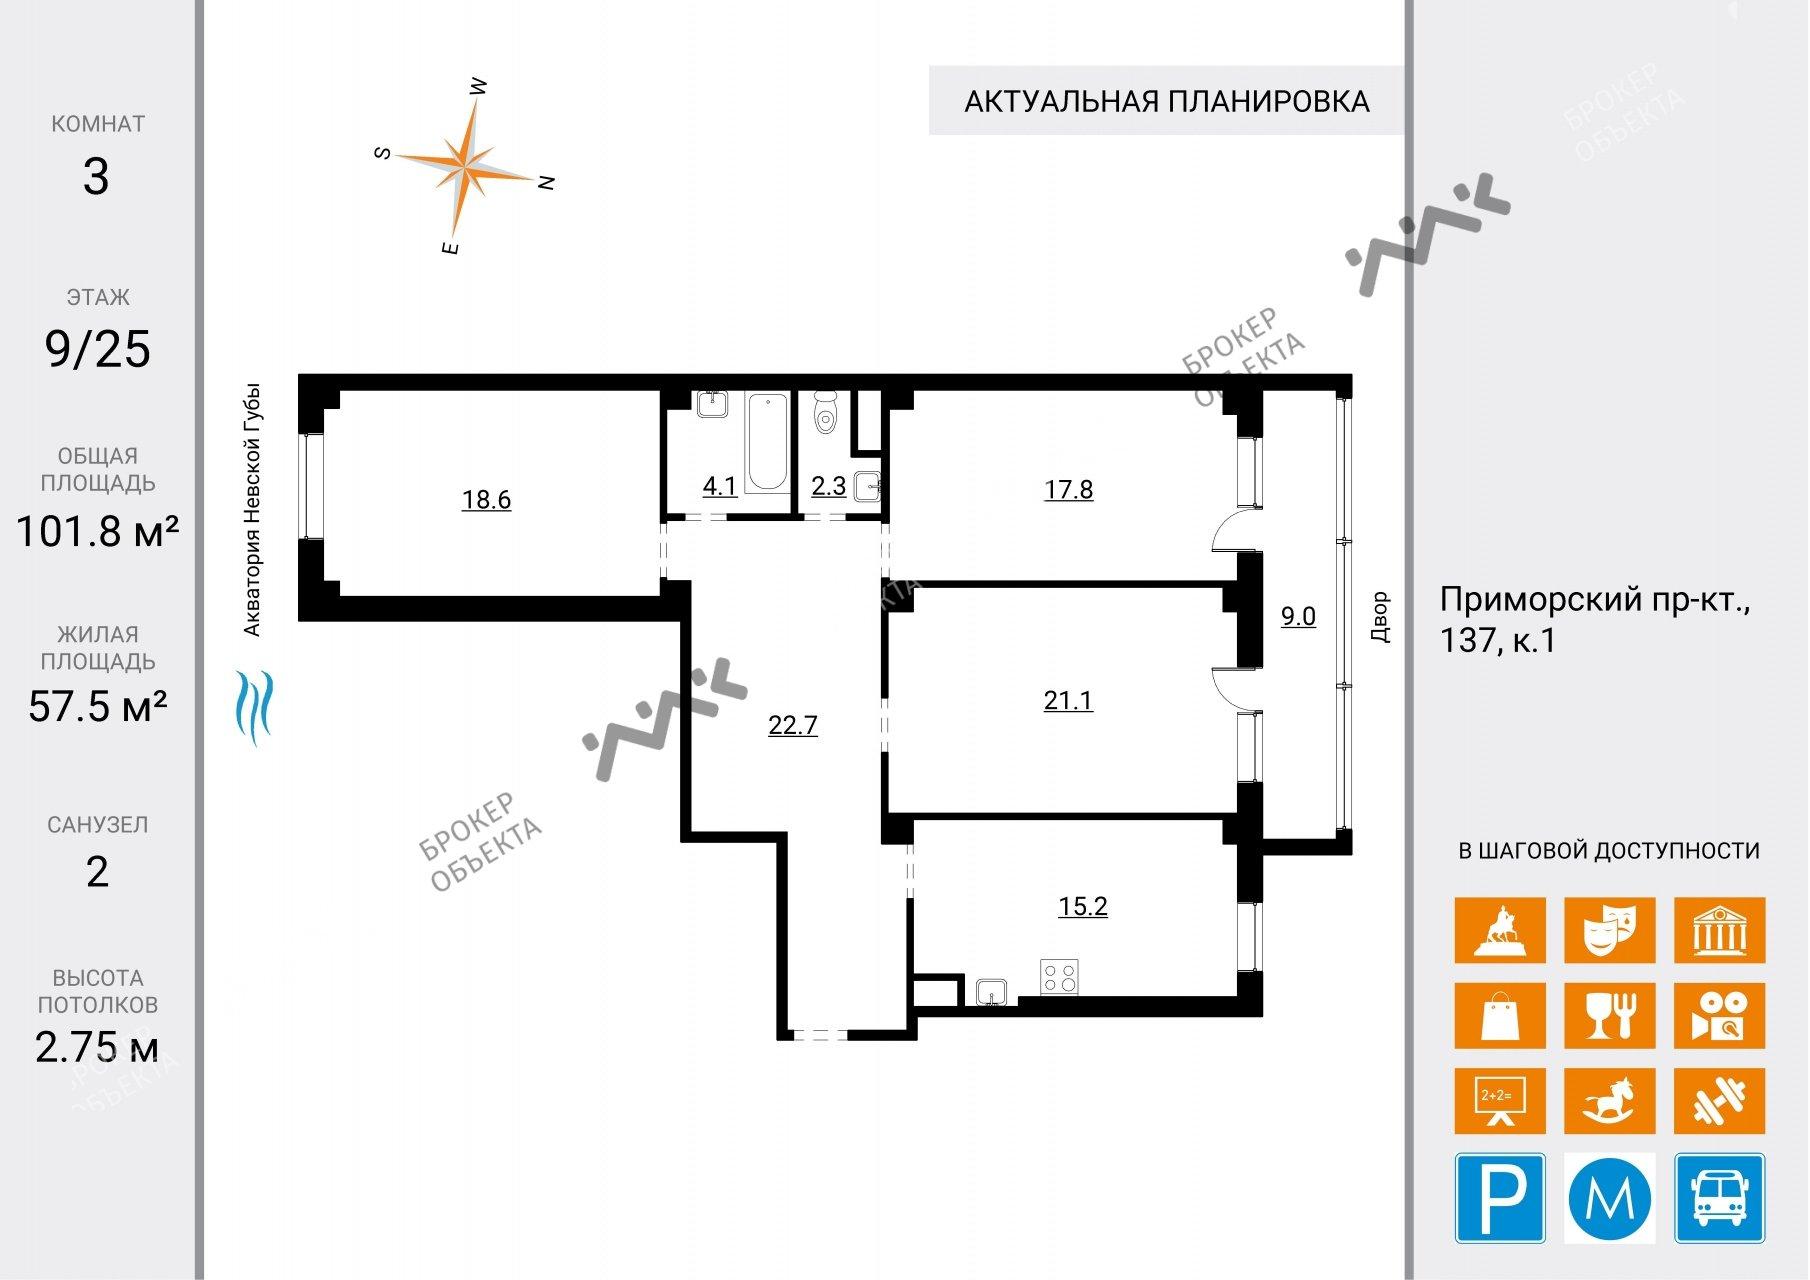 Планировка Приморский проспект, д.137, к.1. Лот № 11725865